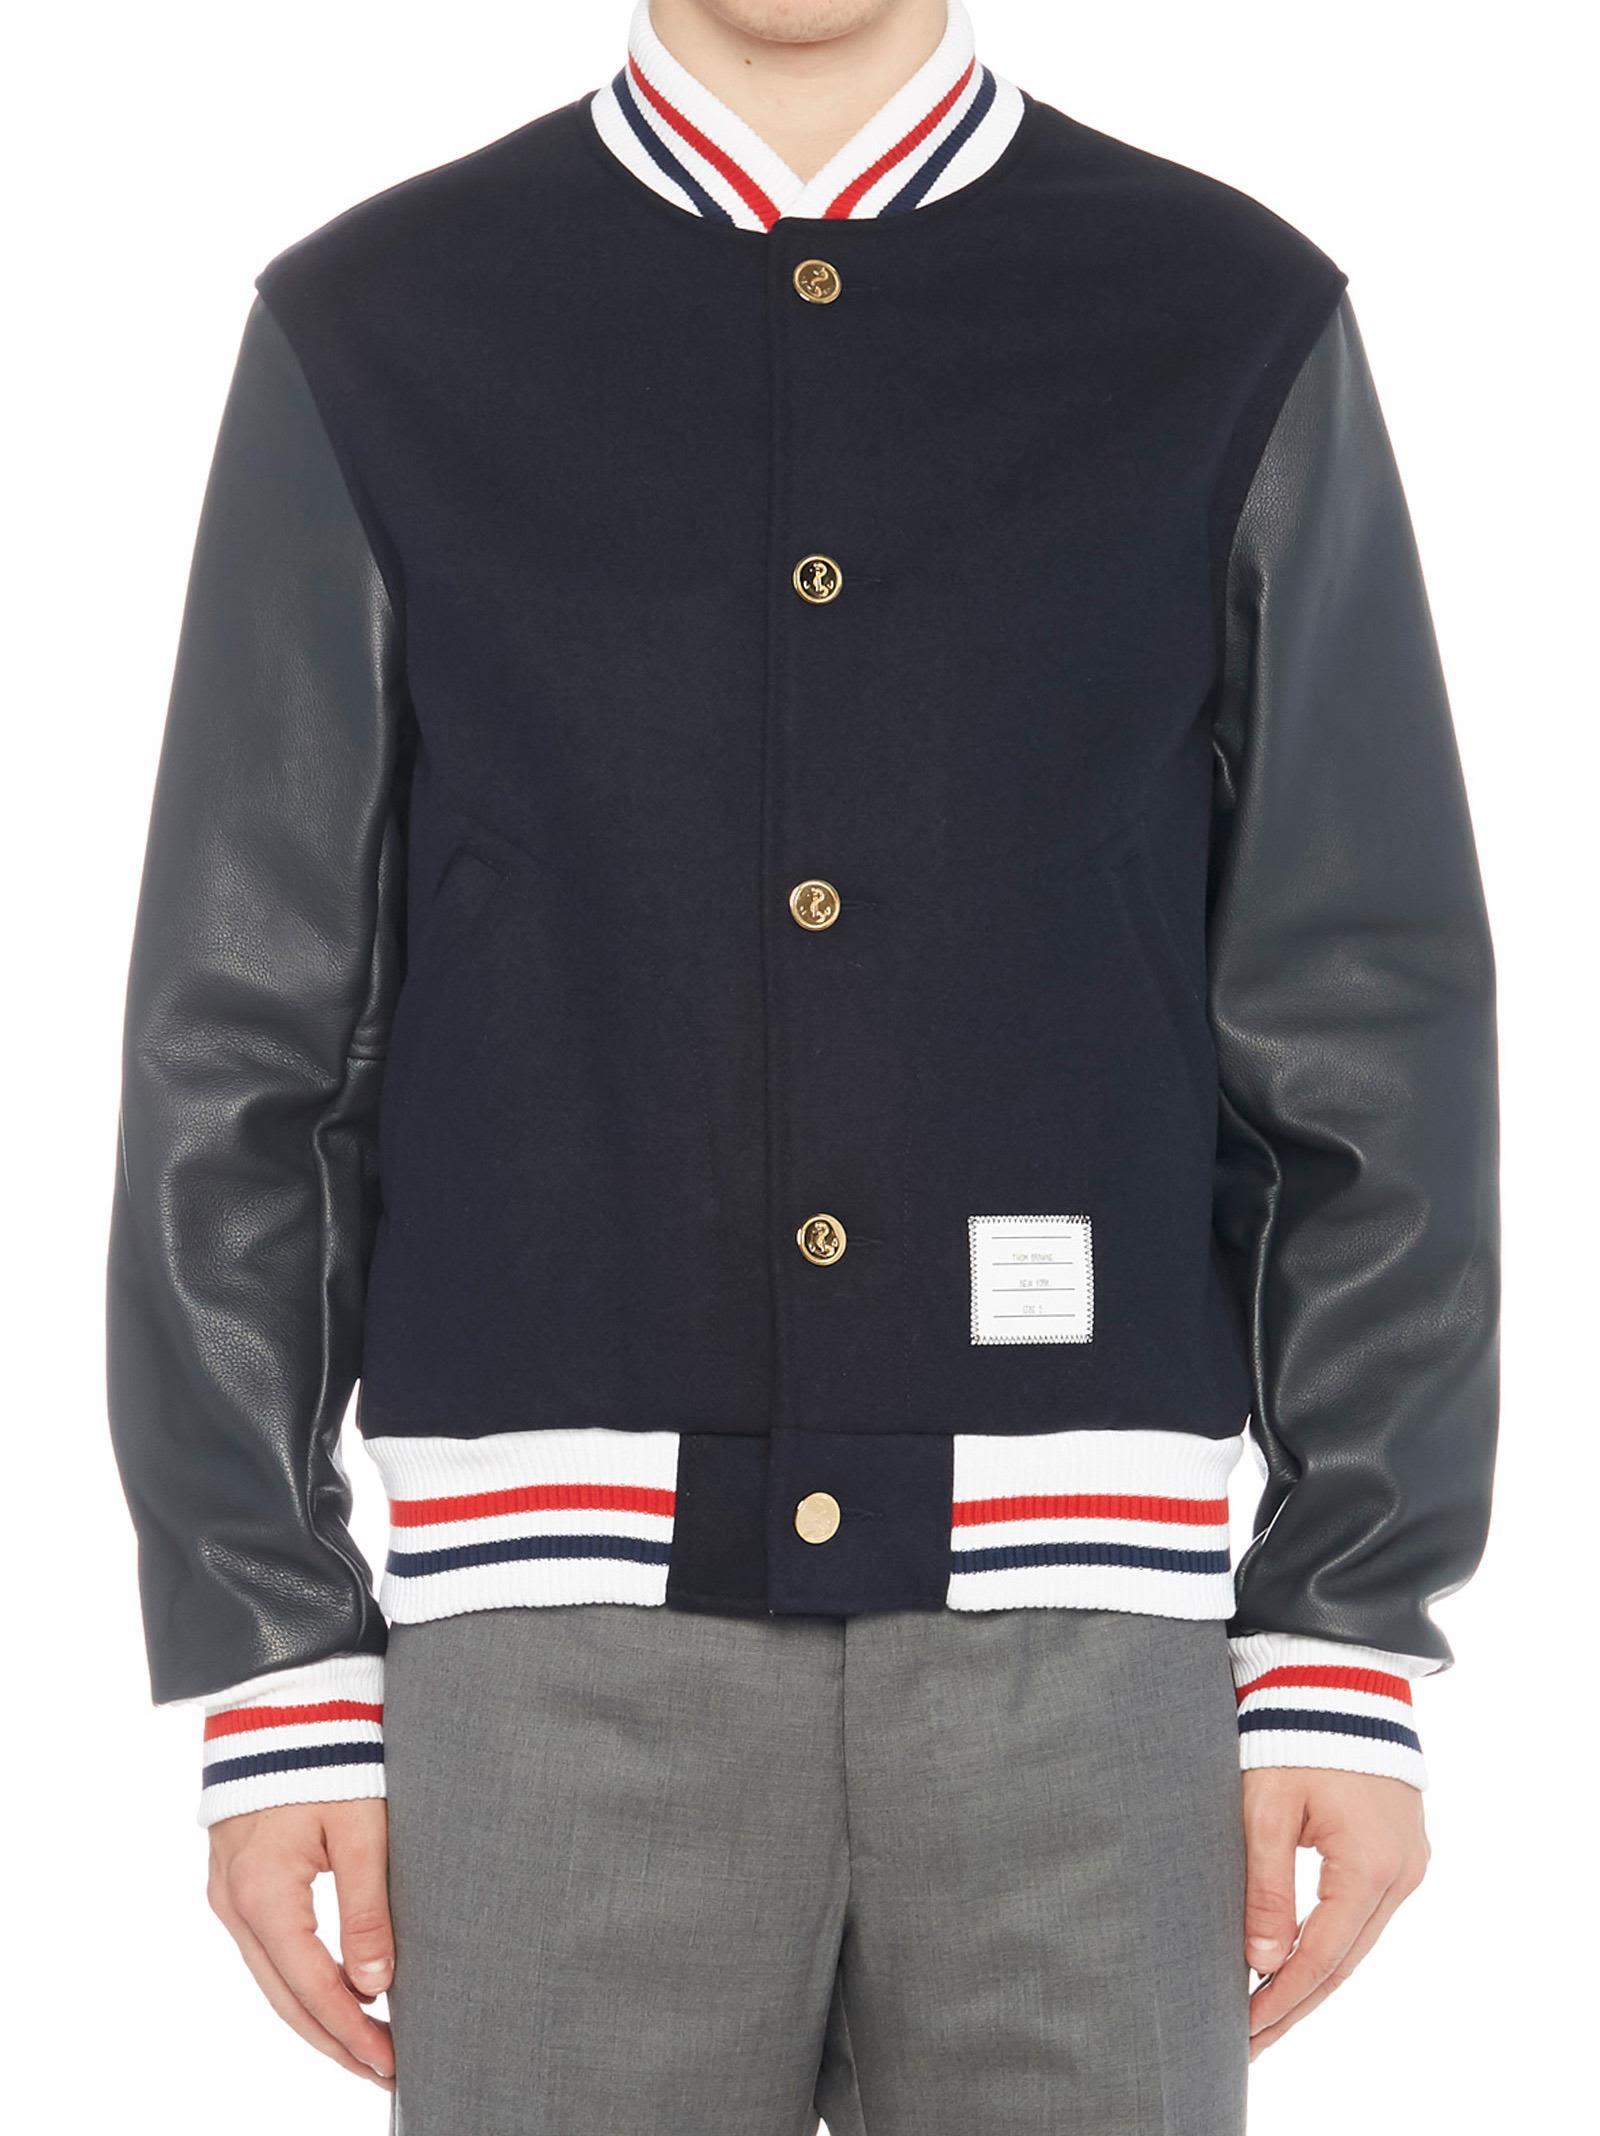 Thom Browne 'varsity' Jacket